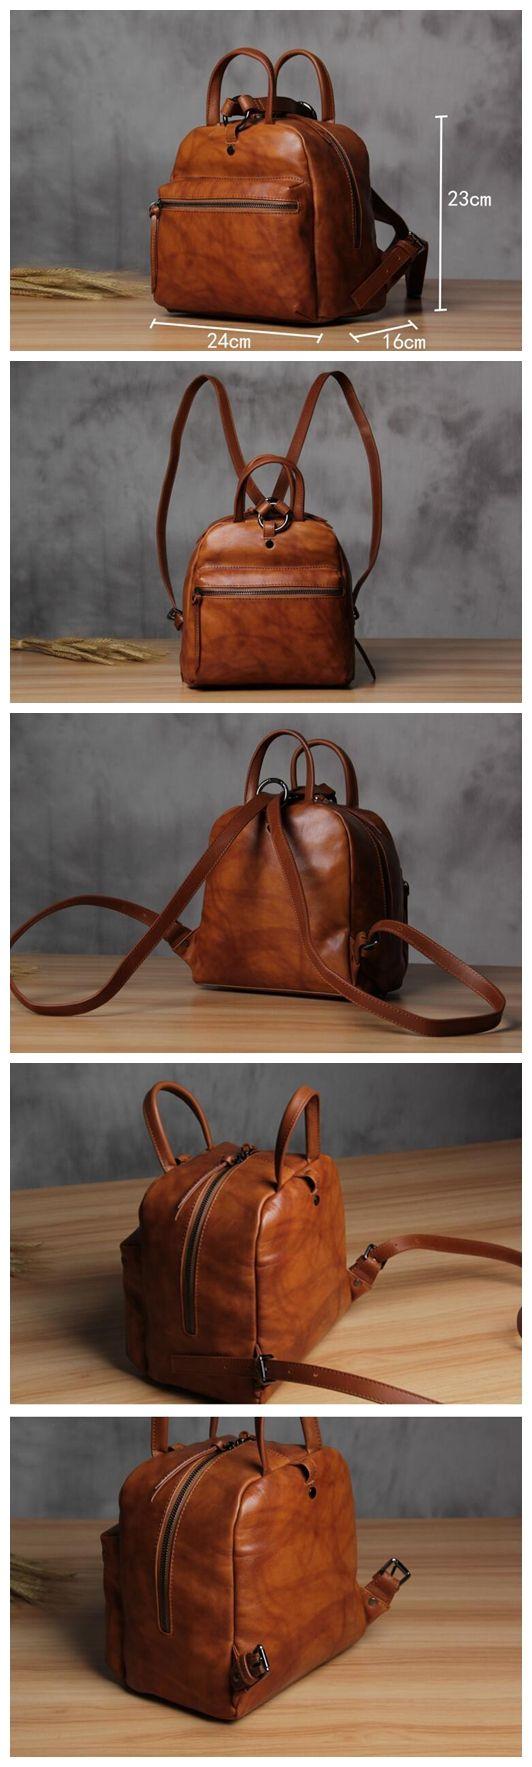 Handmade Vintage Brown Genuine Leather School Backpack Casual Rucksack Daily Bag 14123 – Vintage BrownHannah McSorley